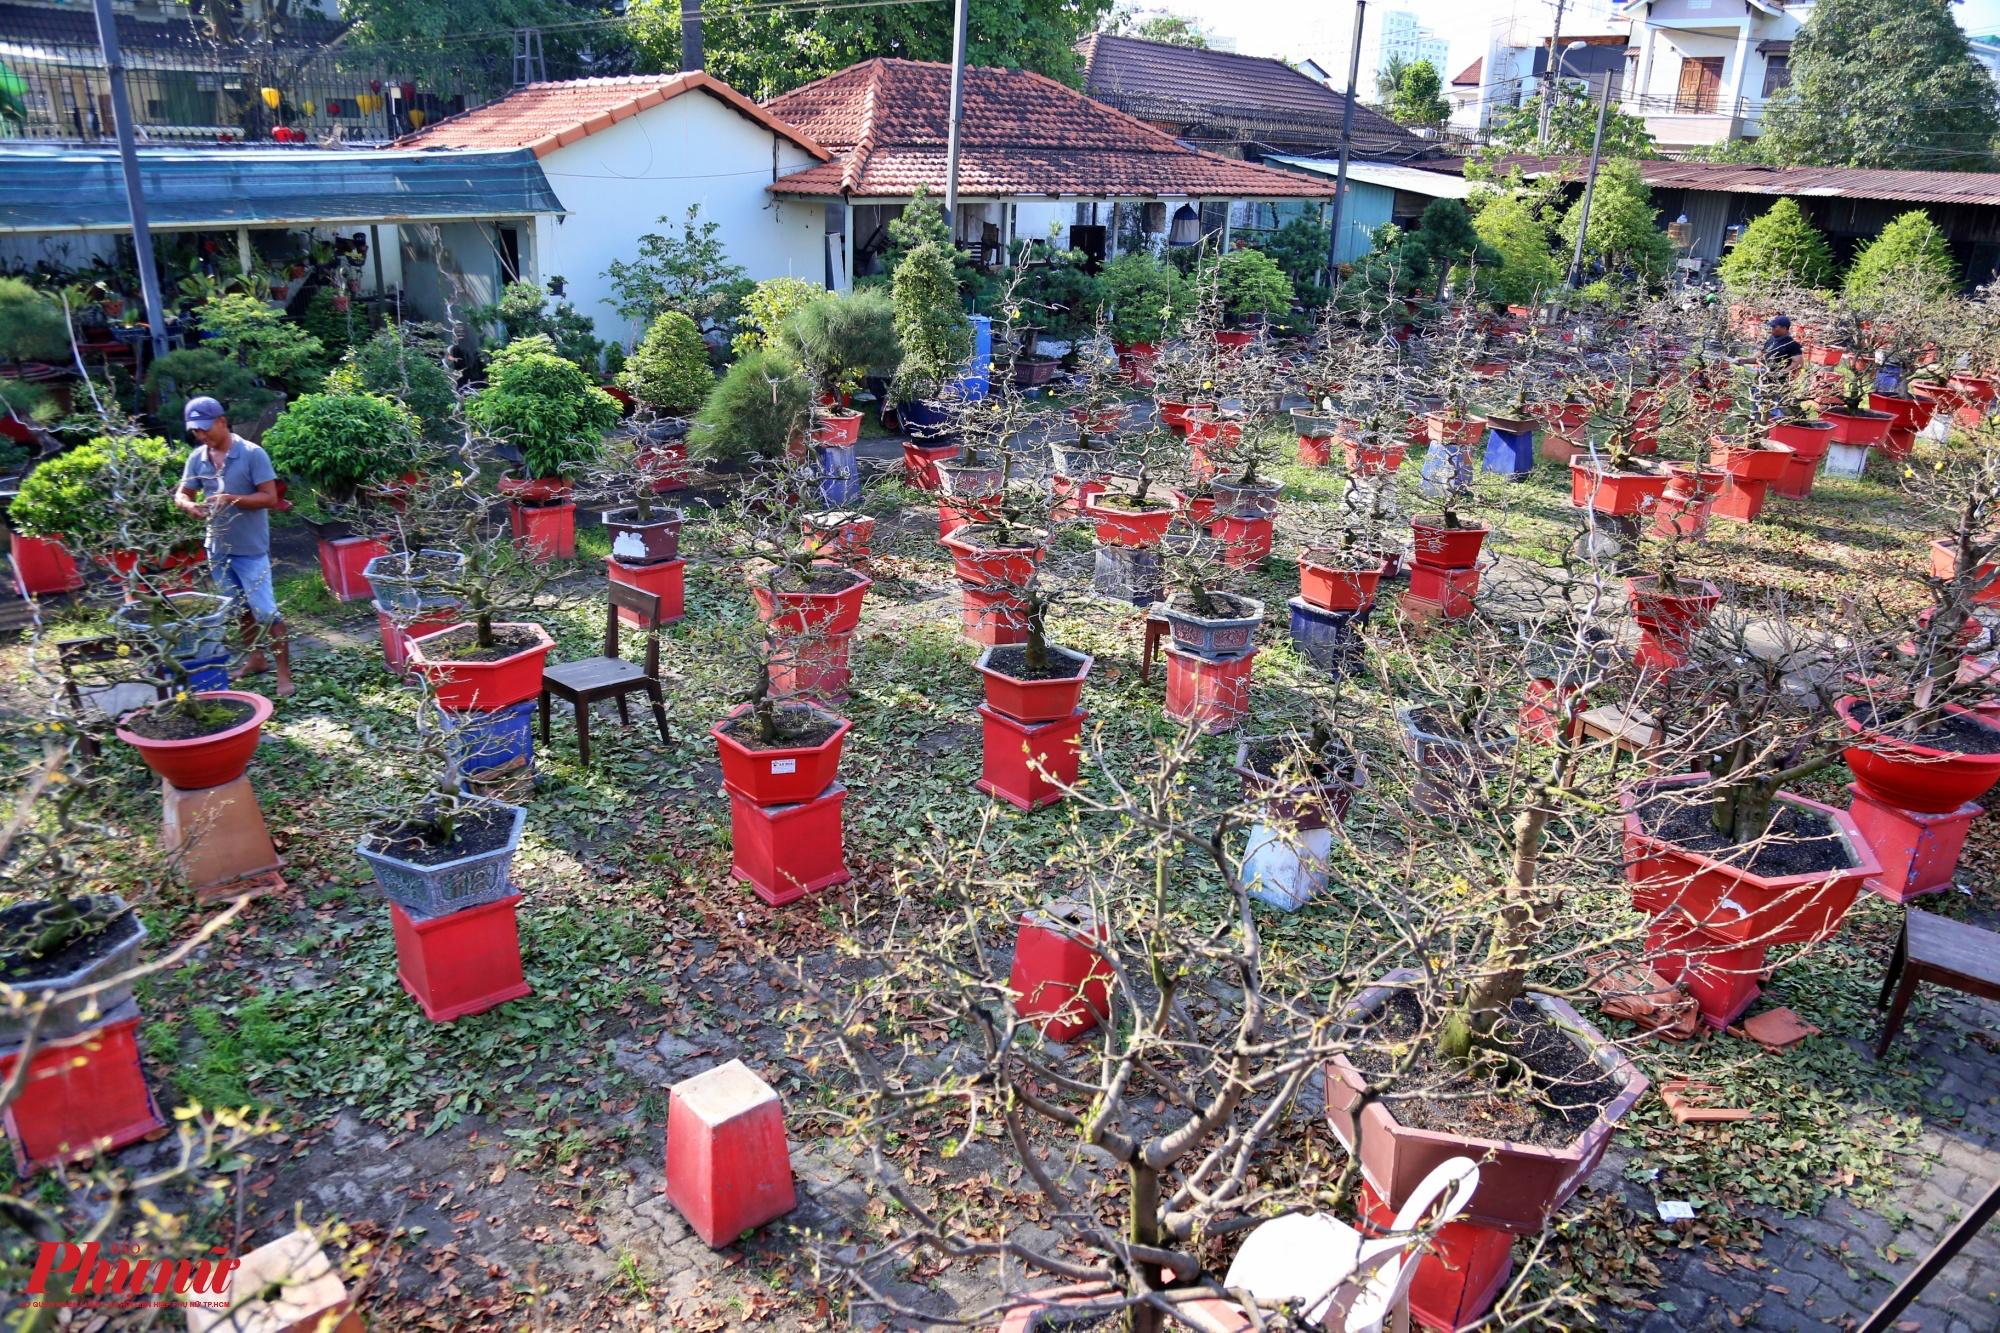 Hàng năm, cứ vào đầu tháng 12 Âm lịch, các vườn mai cho thuê tại TP.HCM lại bắt đầu quá trình chăm sóc nước rút để mai nở rộ và đẹp để chơi đúng dịp Tết